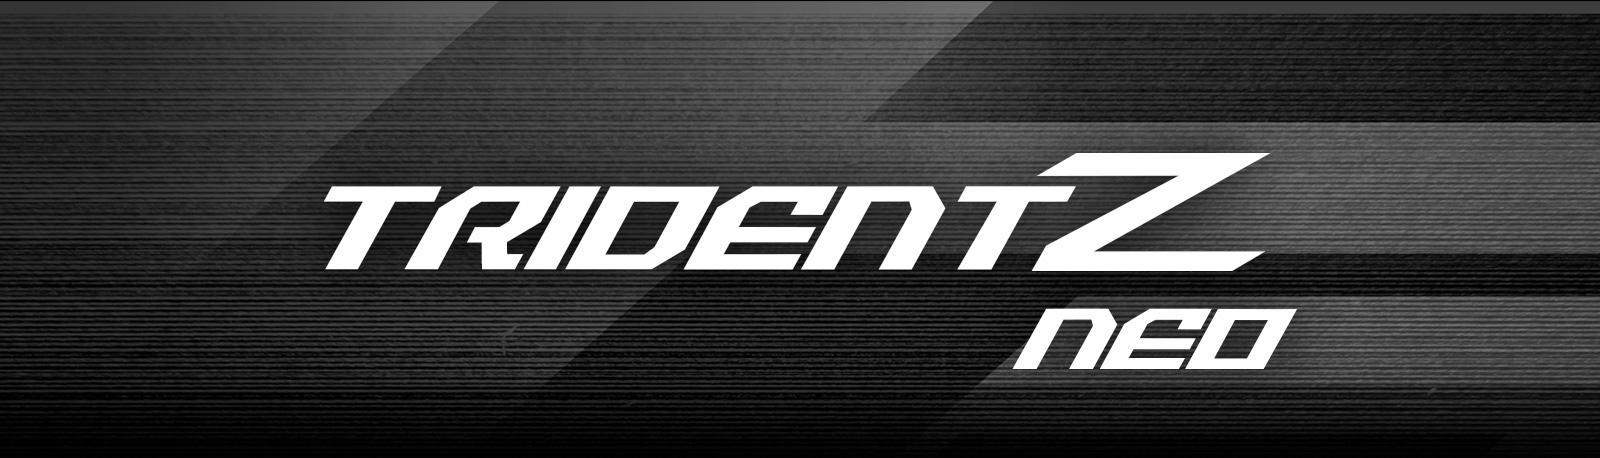 Trident Z Neo Banner